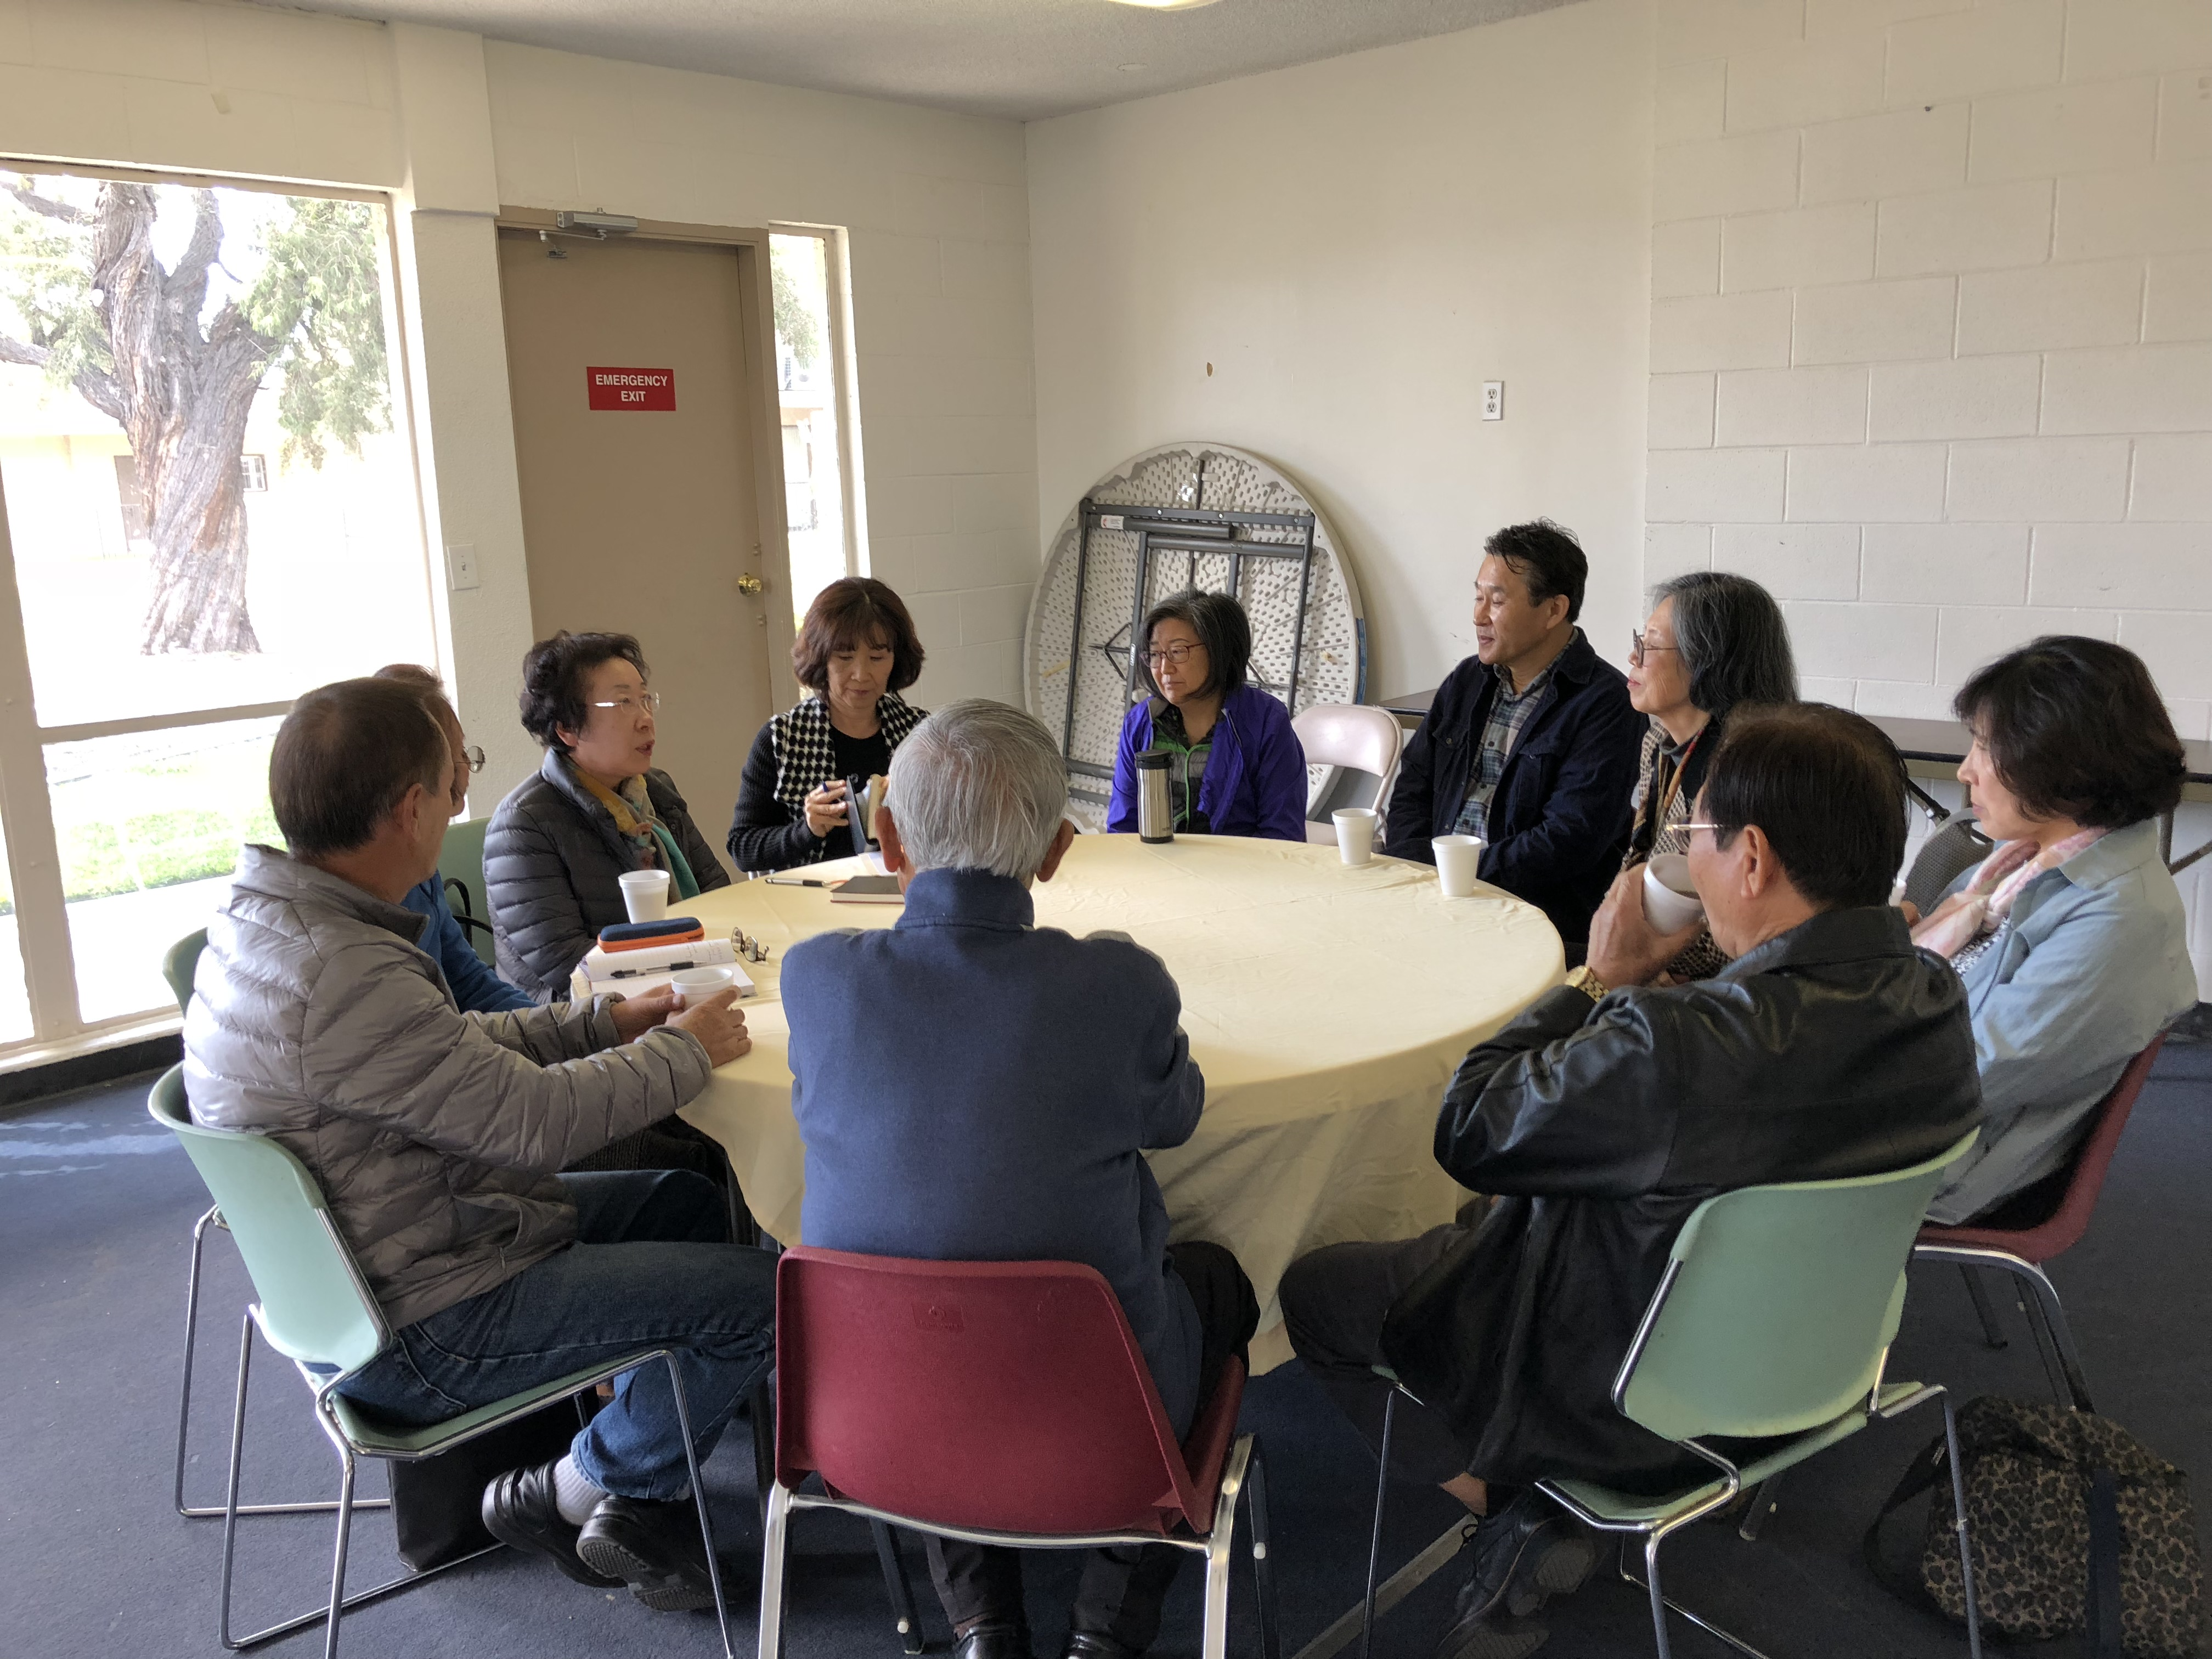 치매환자 가족을 위한 지지 그룹 모임 시작